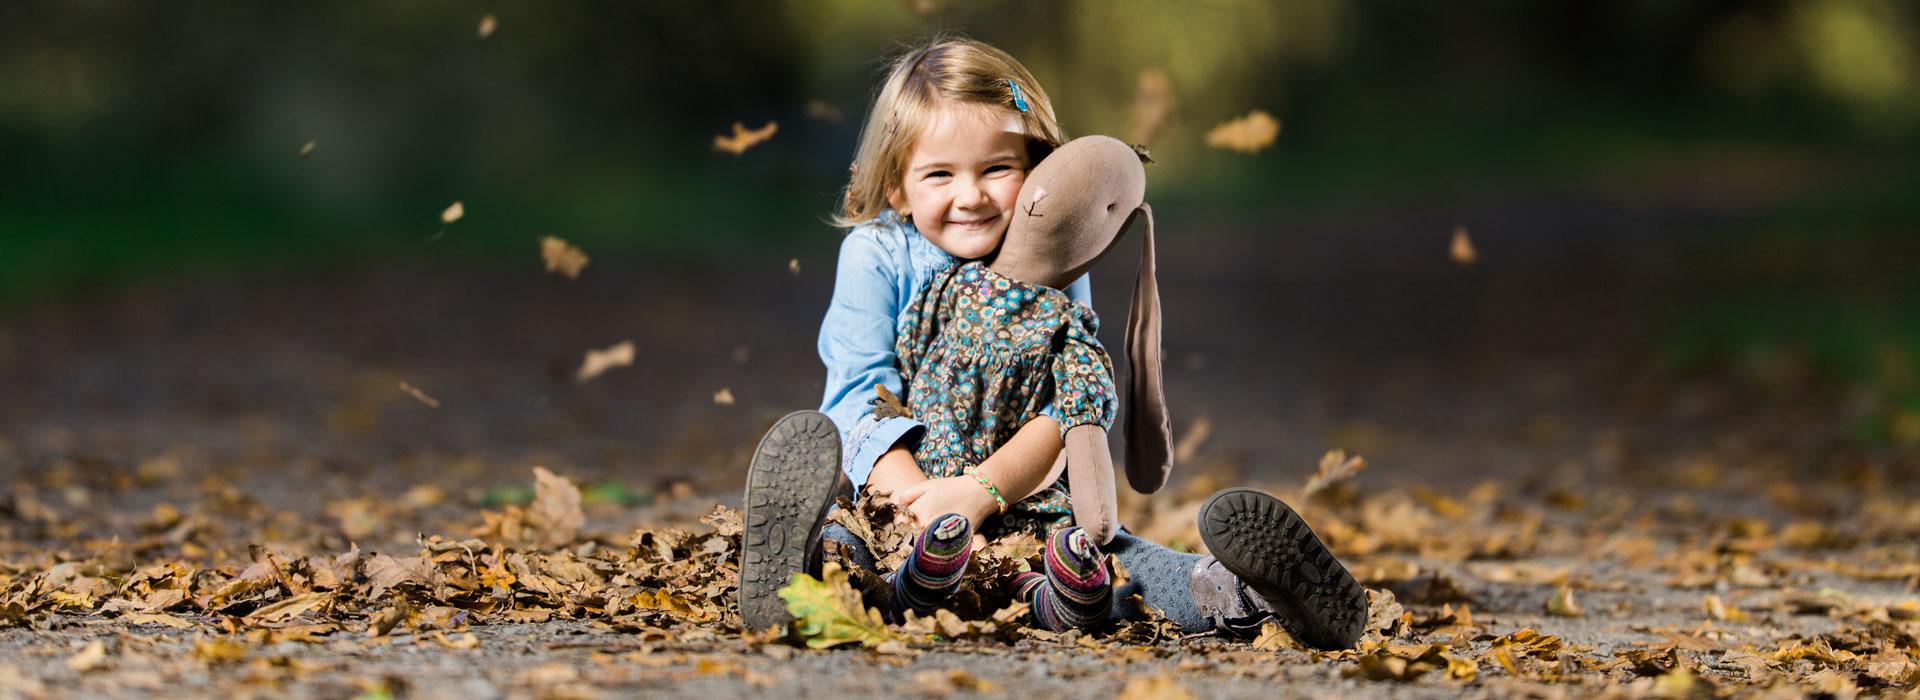 photographe-portrait-enfant-famille-guerande-saint-nazaire-La-Baule